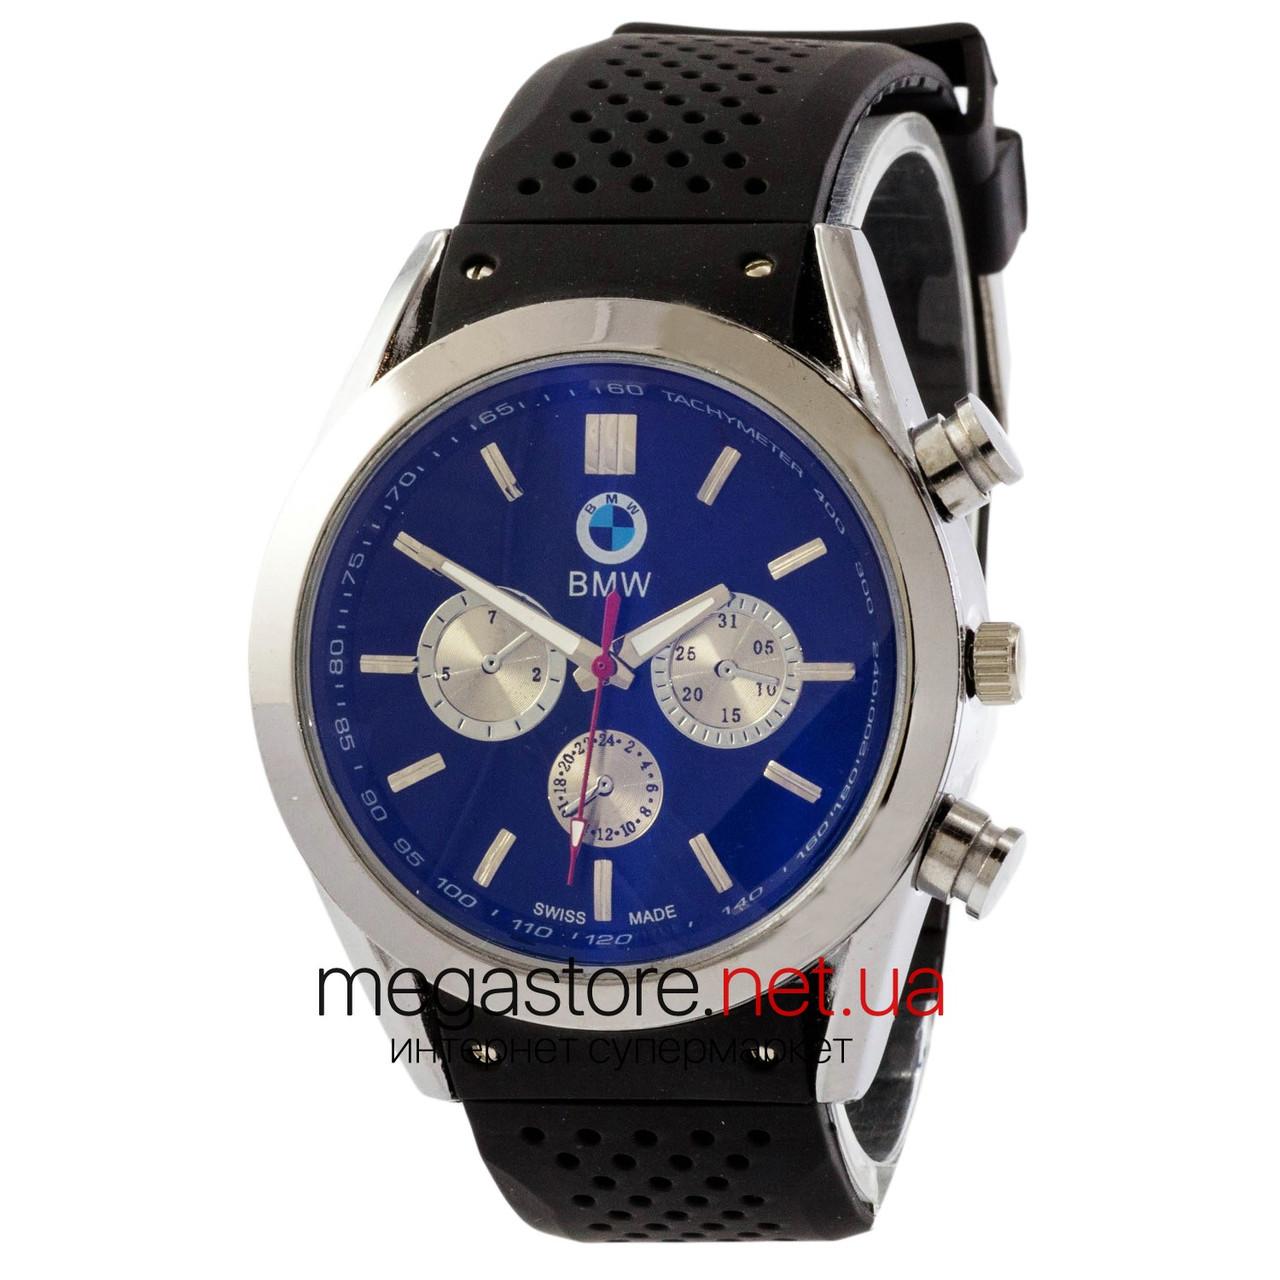 b1838bee Мужские Наручные Часы BMW Серебро (24079) Реплика — в Категории ...